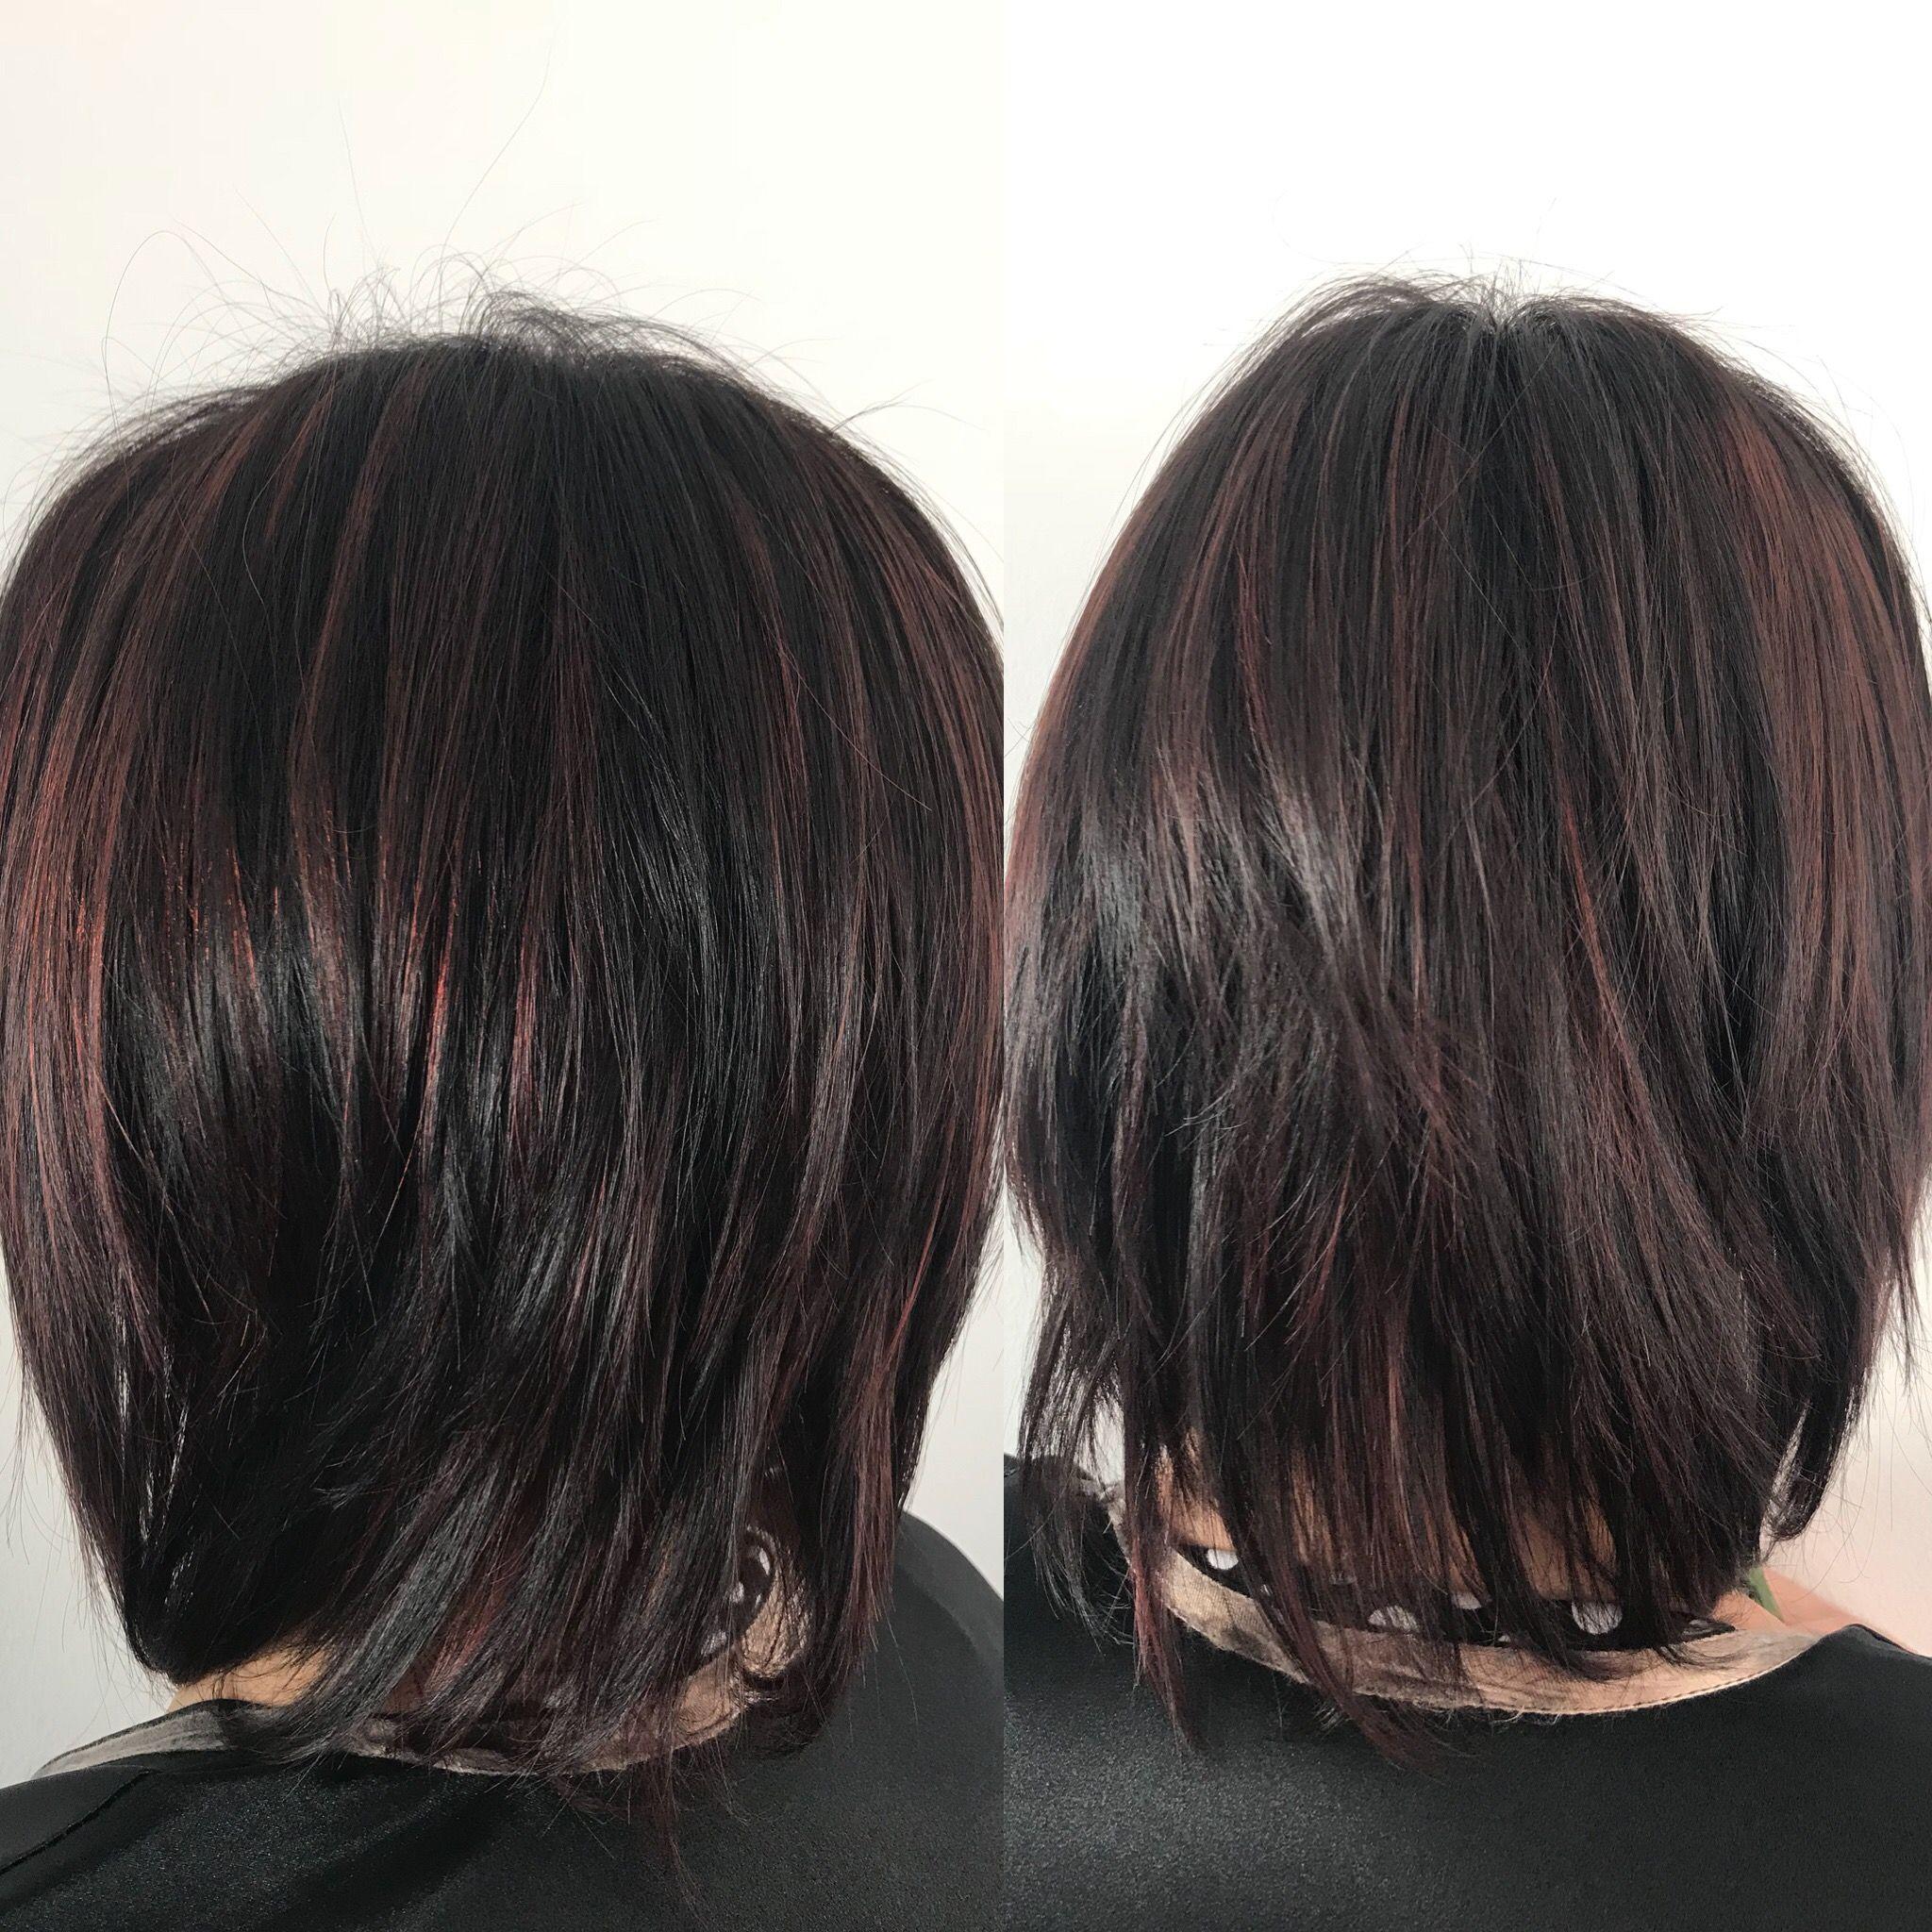 Haircut haircolor wella stylist redhair colorhair wellahair